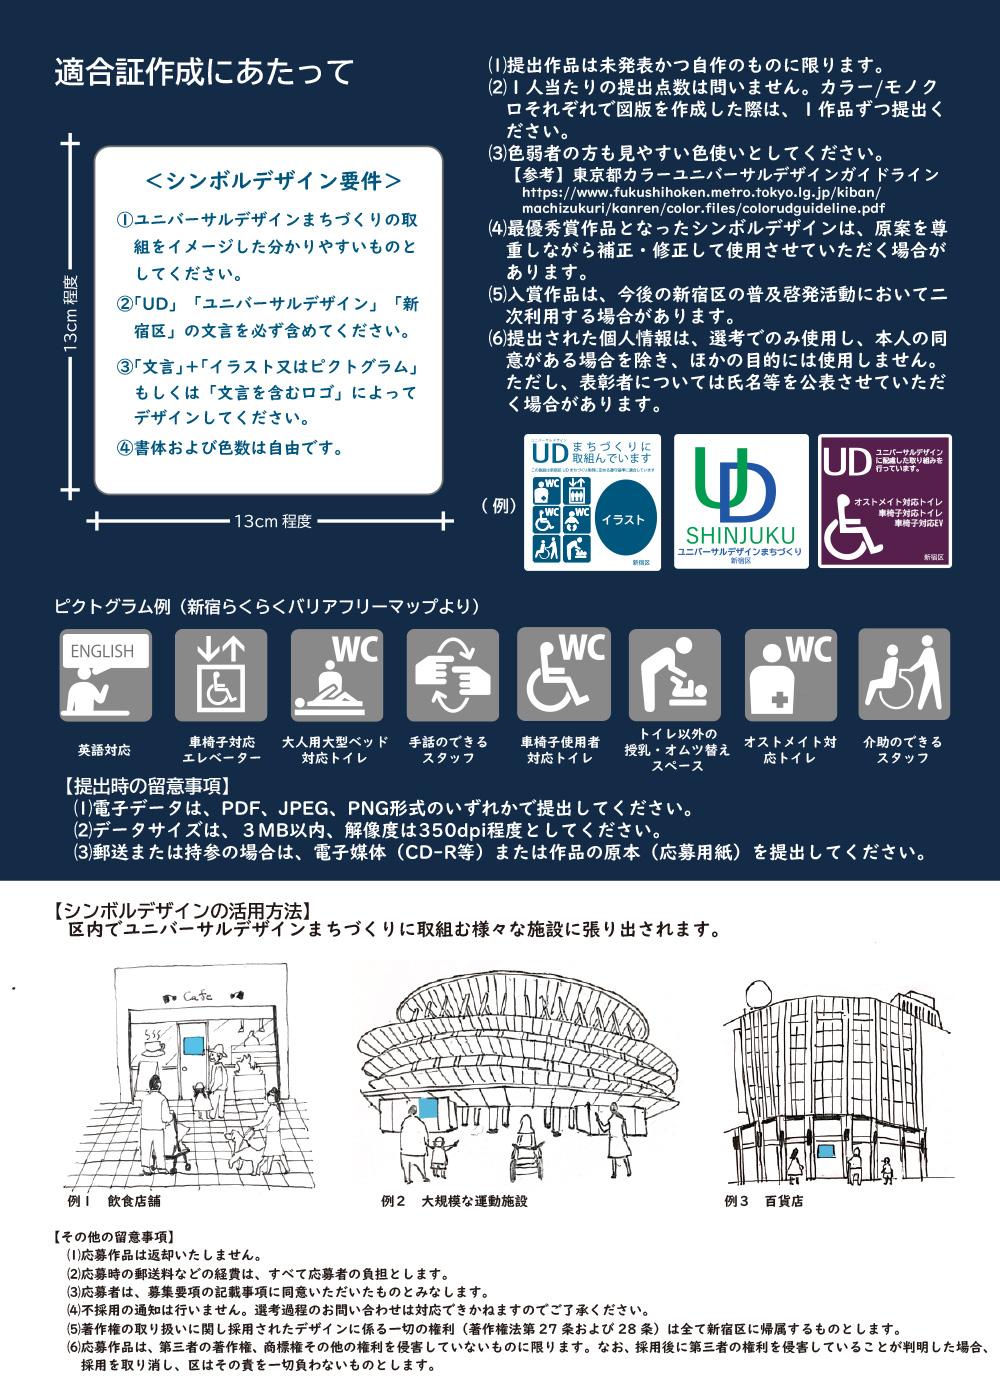 「ユニバーサルデザインまちづくり条例適合証シンボルデザイン」募集ポスター裏